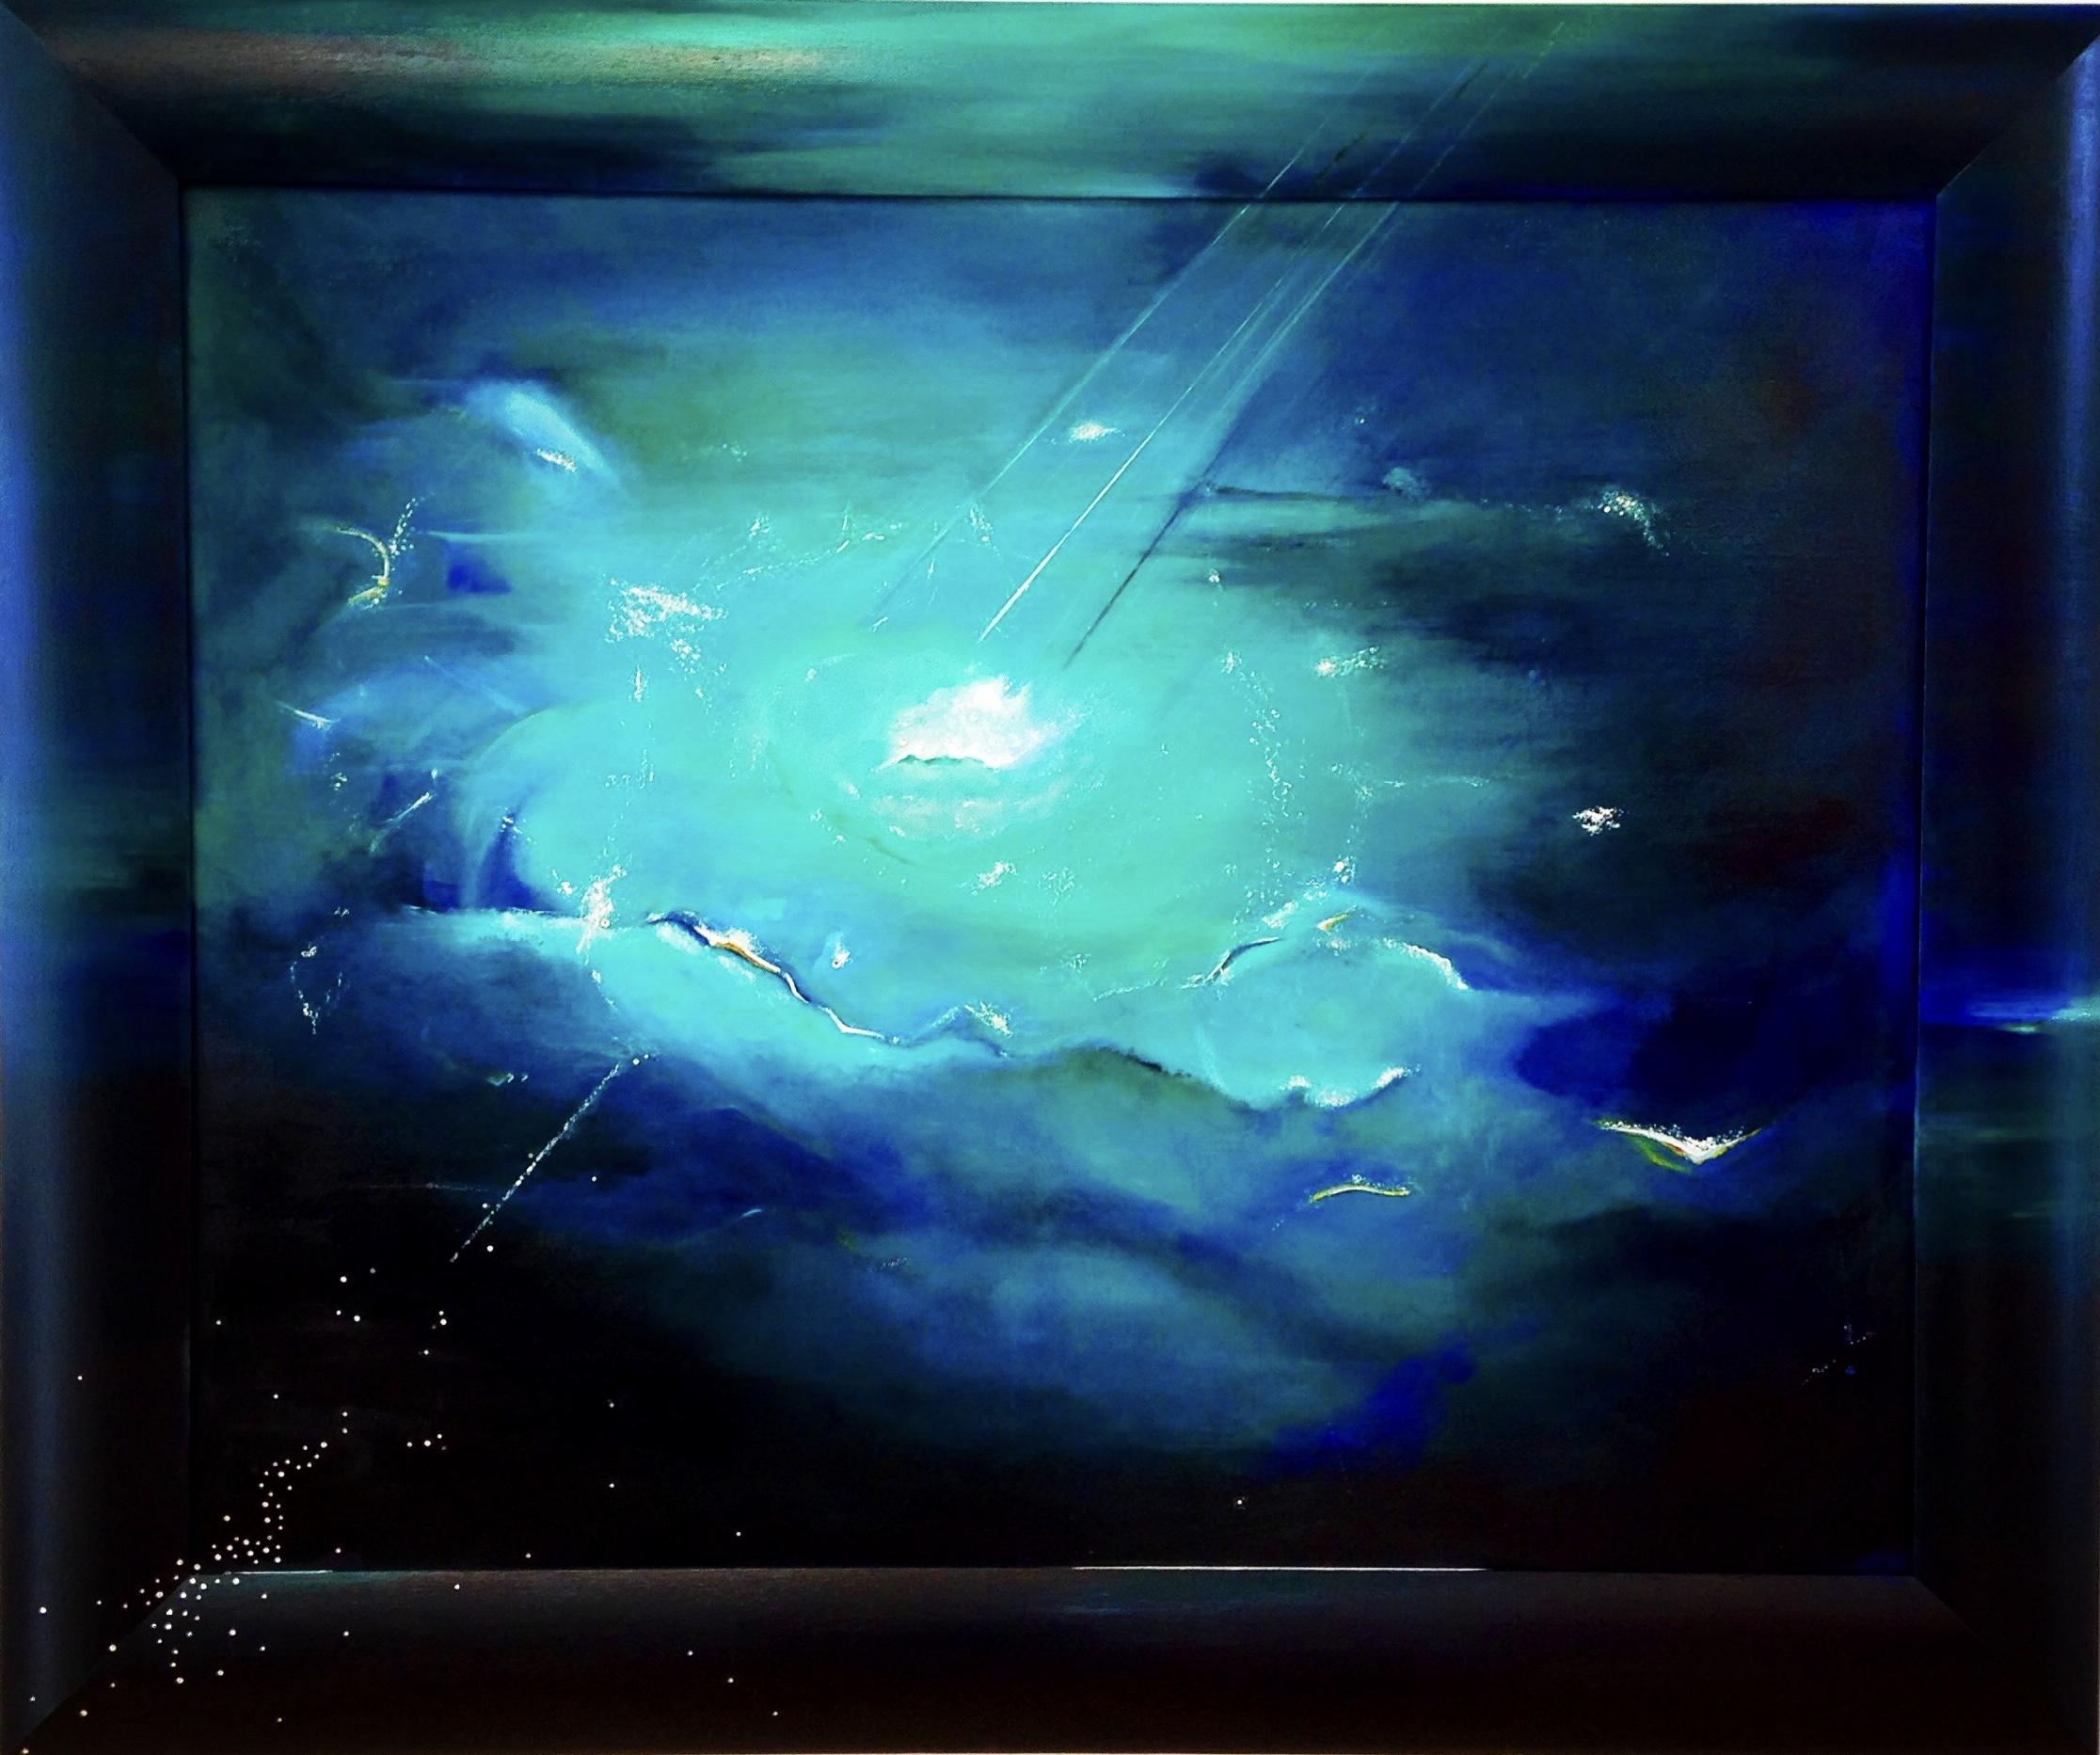 Nebula IV